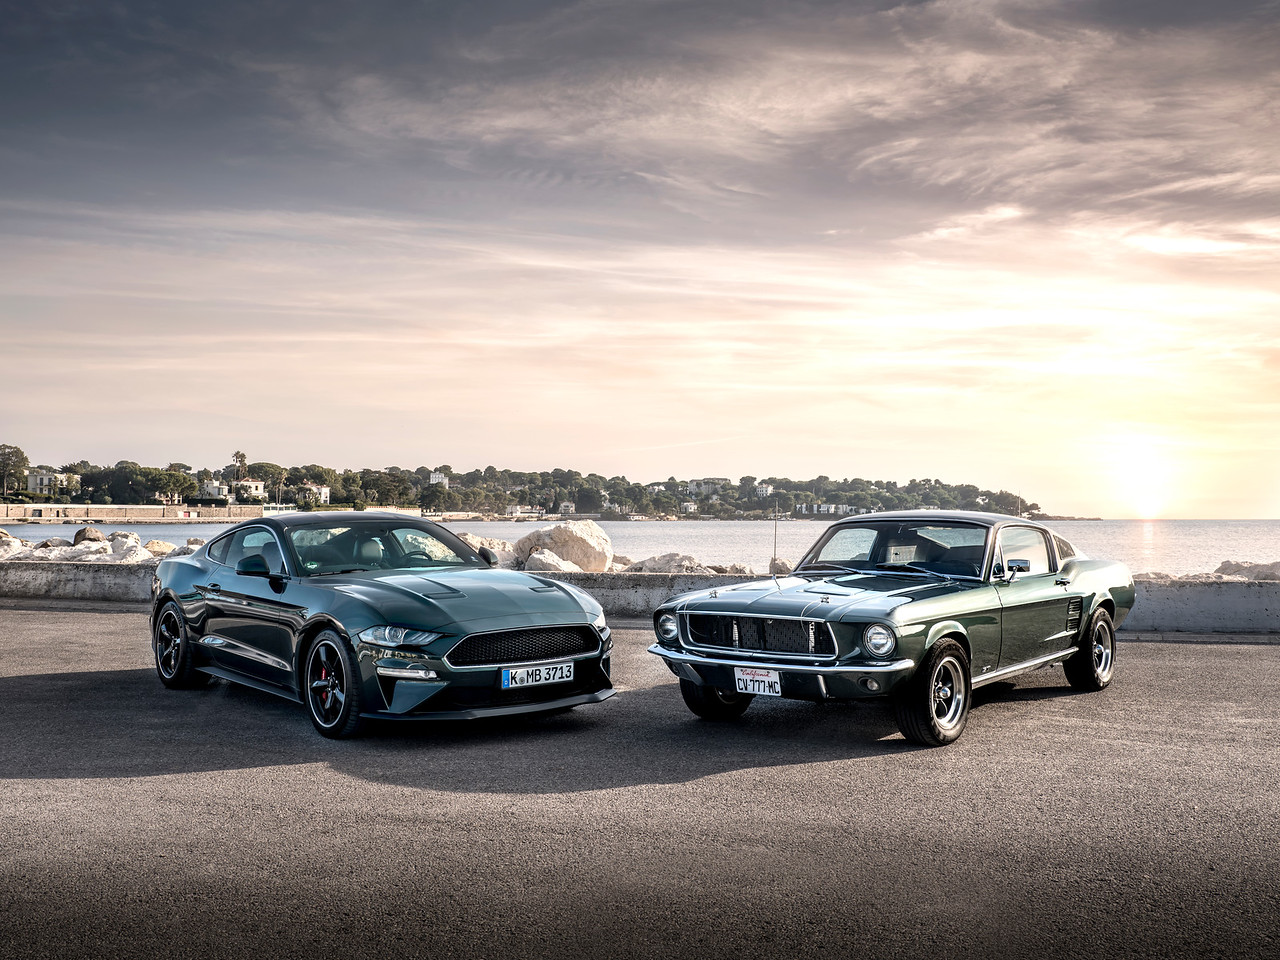 Ford - Mustang Bullitt press launch